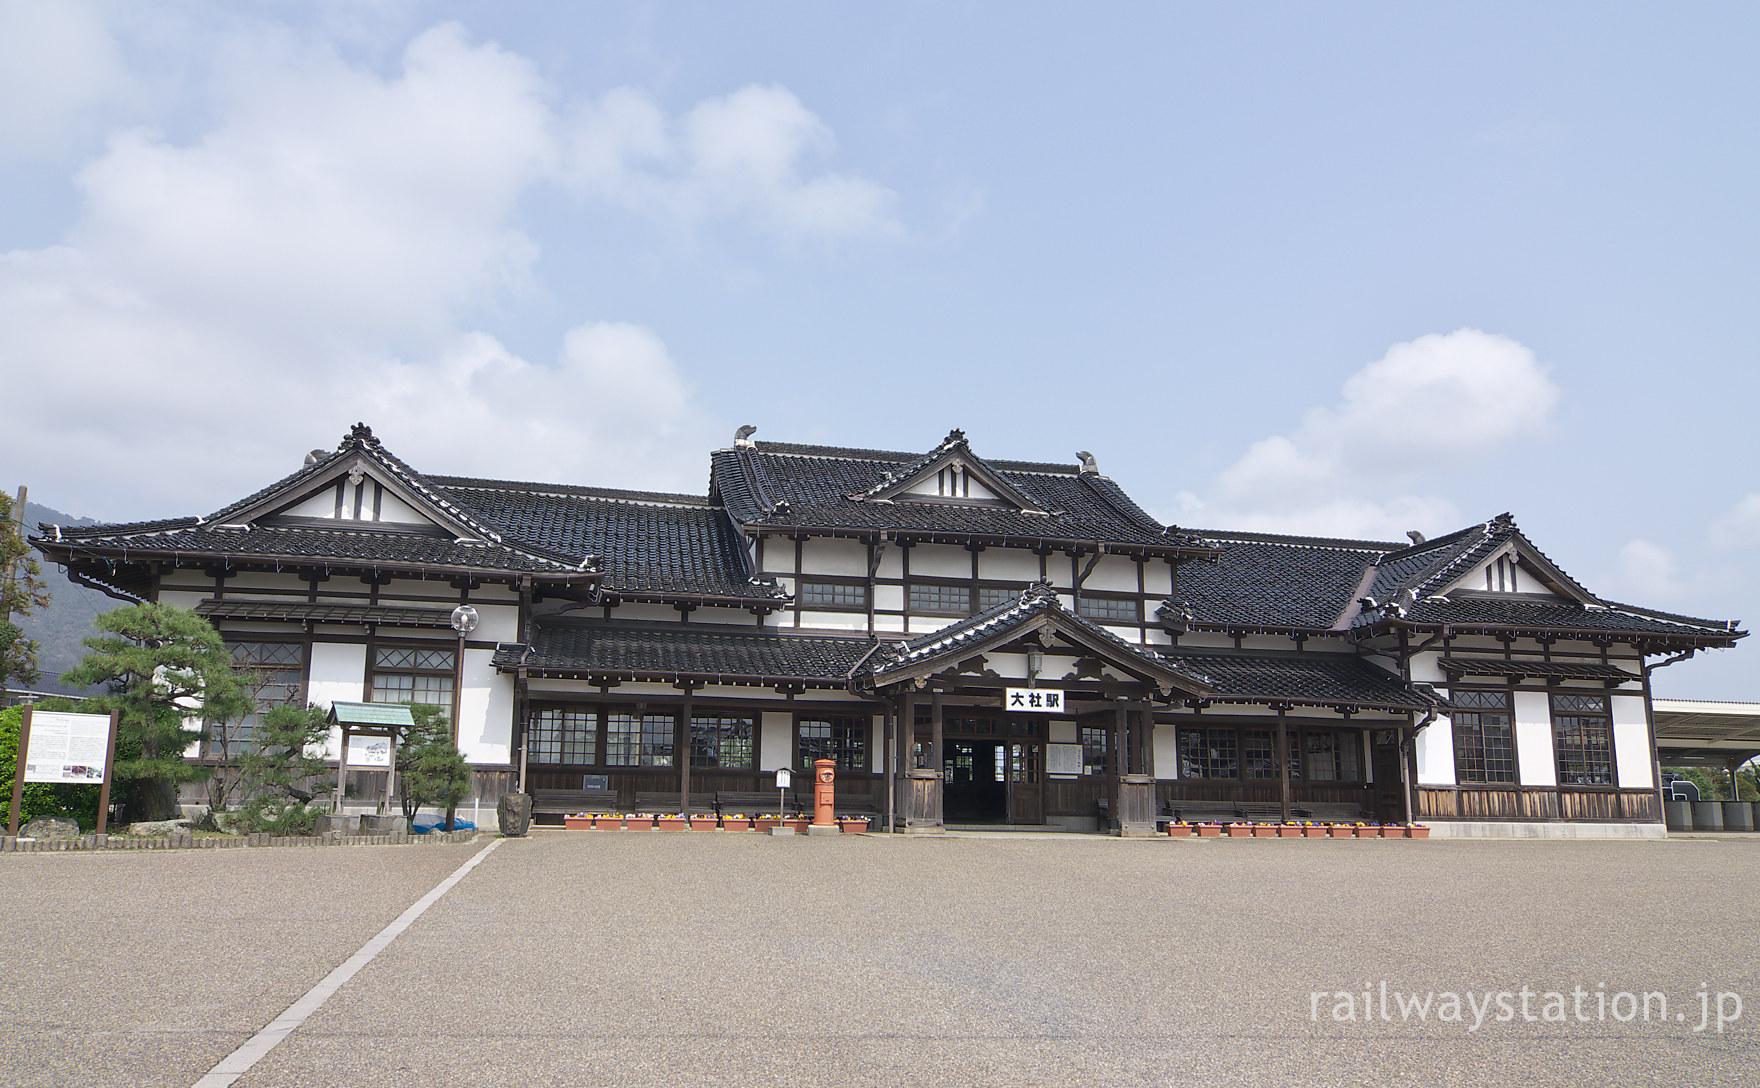 大社線・大社駅、廃線後も保存される至高の和風駅舎